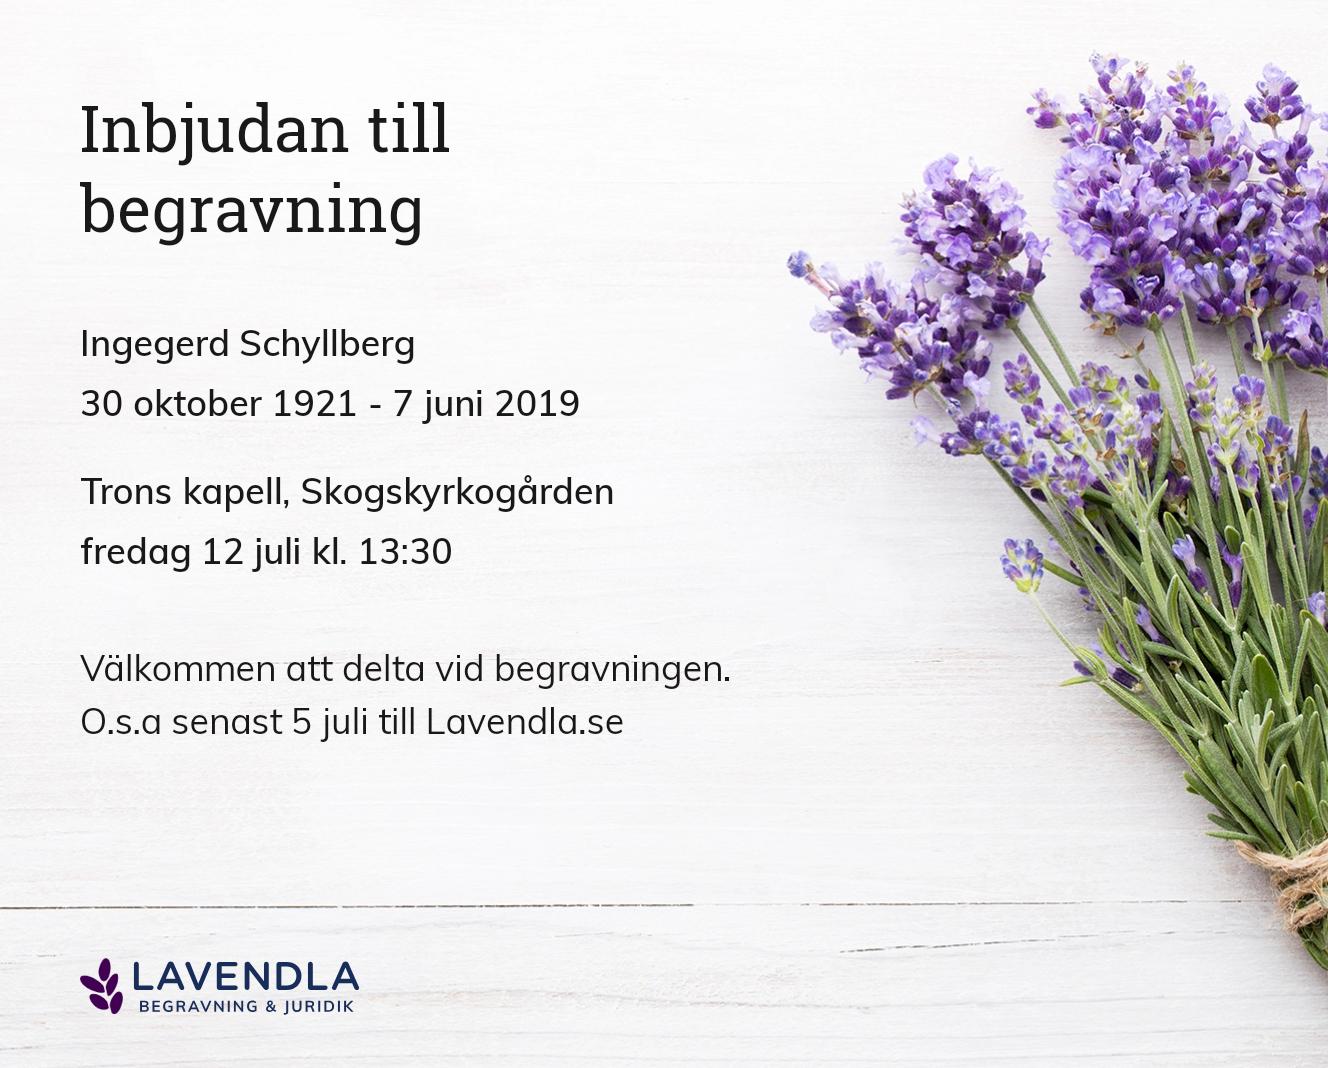 Inbjudningskort till ceremonin för Ingegerd Schyllberg